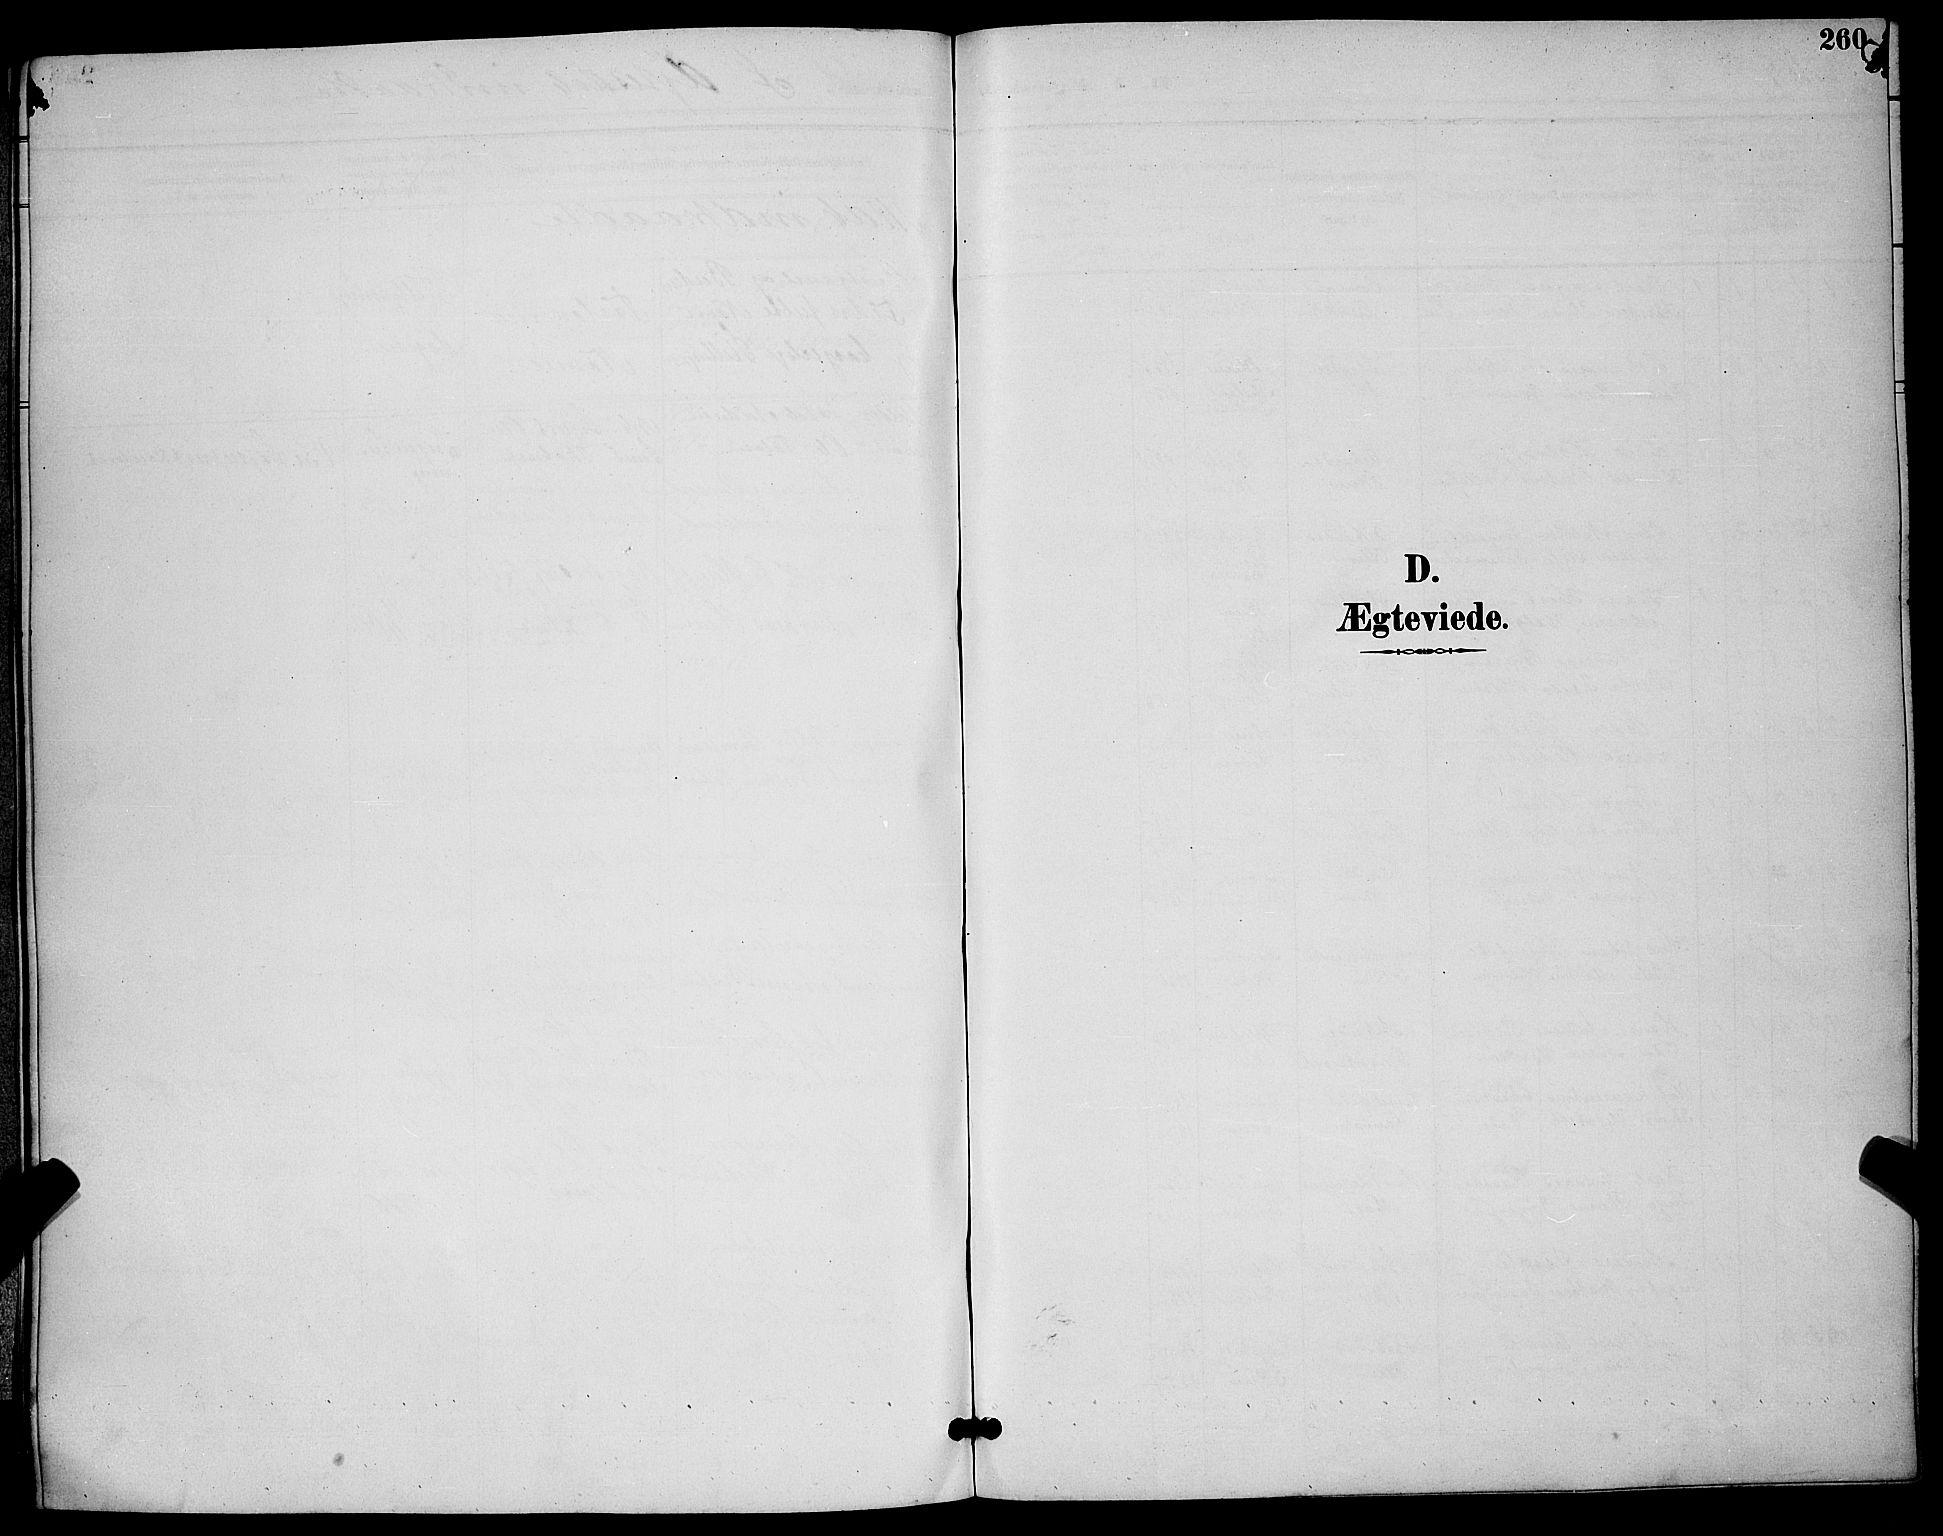 SAKO, Skien kirkebøker, G/Ga/L0007: Klokkerbok nr. 7, 1891-1900, s. 260